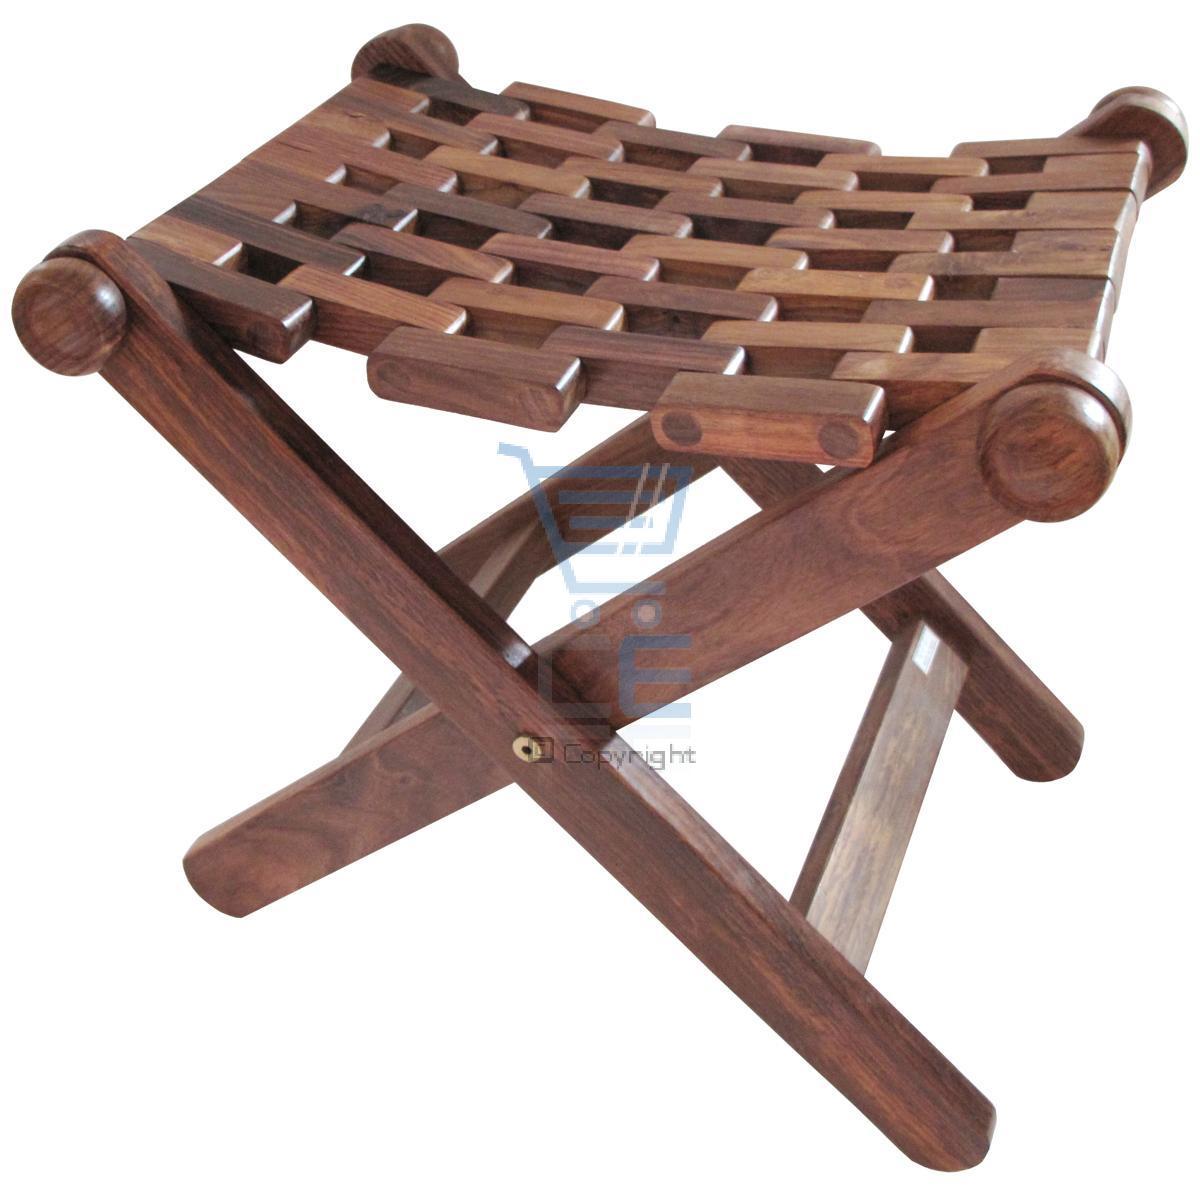 holz klappbar stuhl handgemacht netz indische sheesham holz 45x43cm. Black Bedroom Furniture Sets. Home Design Ideas